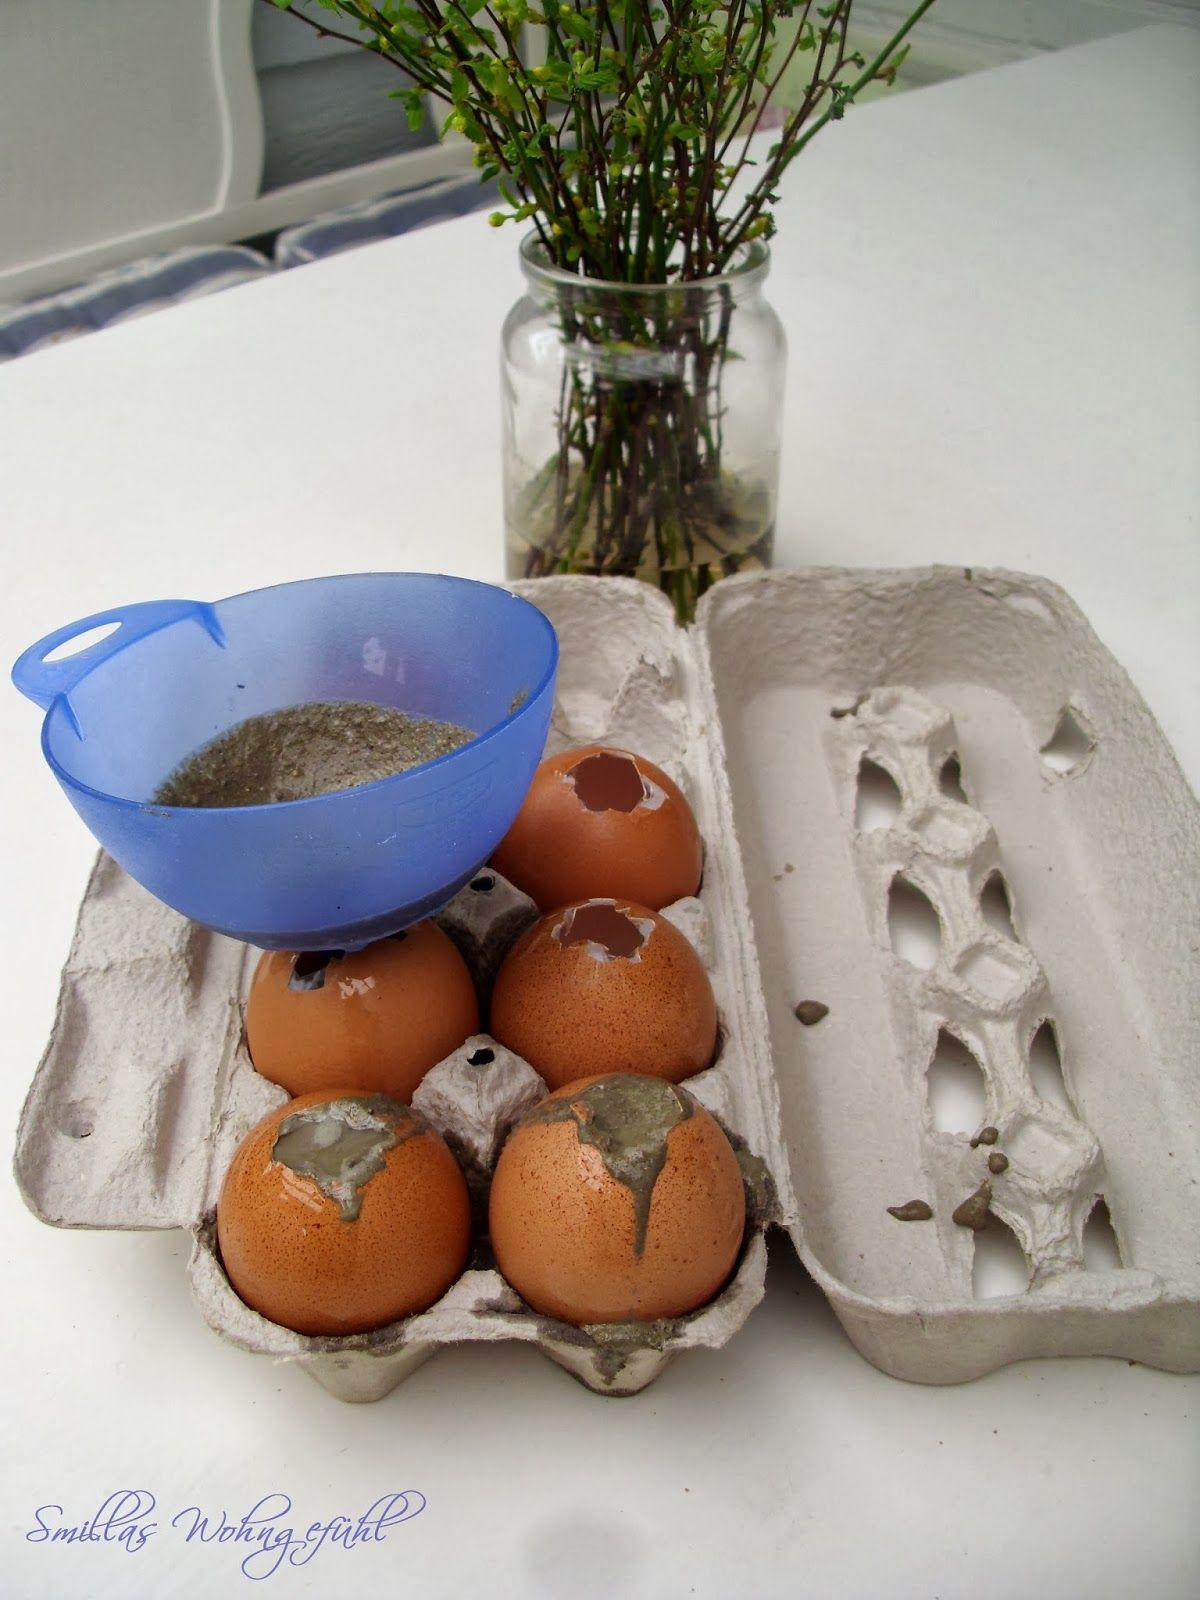 smillas wohngefühl: diy: concrete easter eggs oder habt ihr schon, Gartengerate ideen